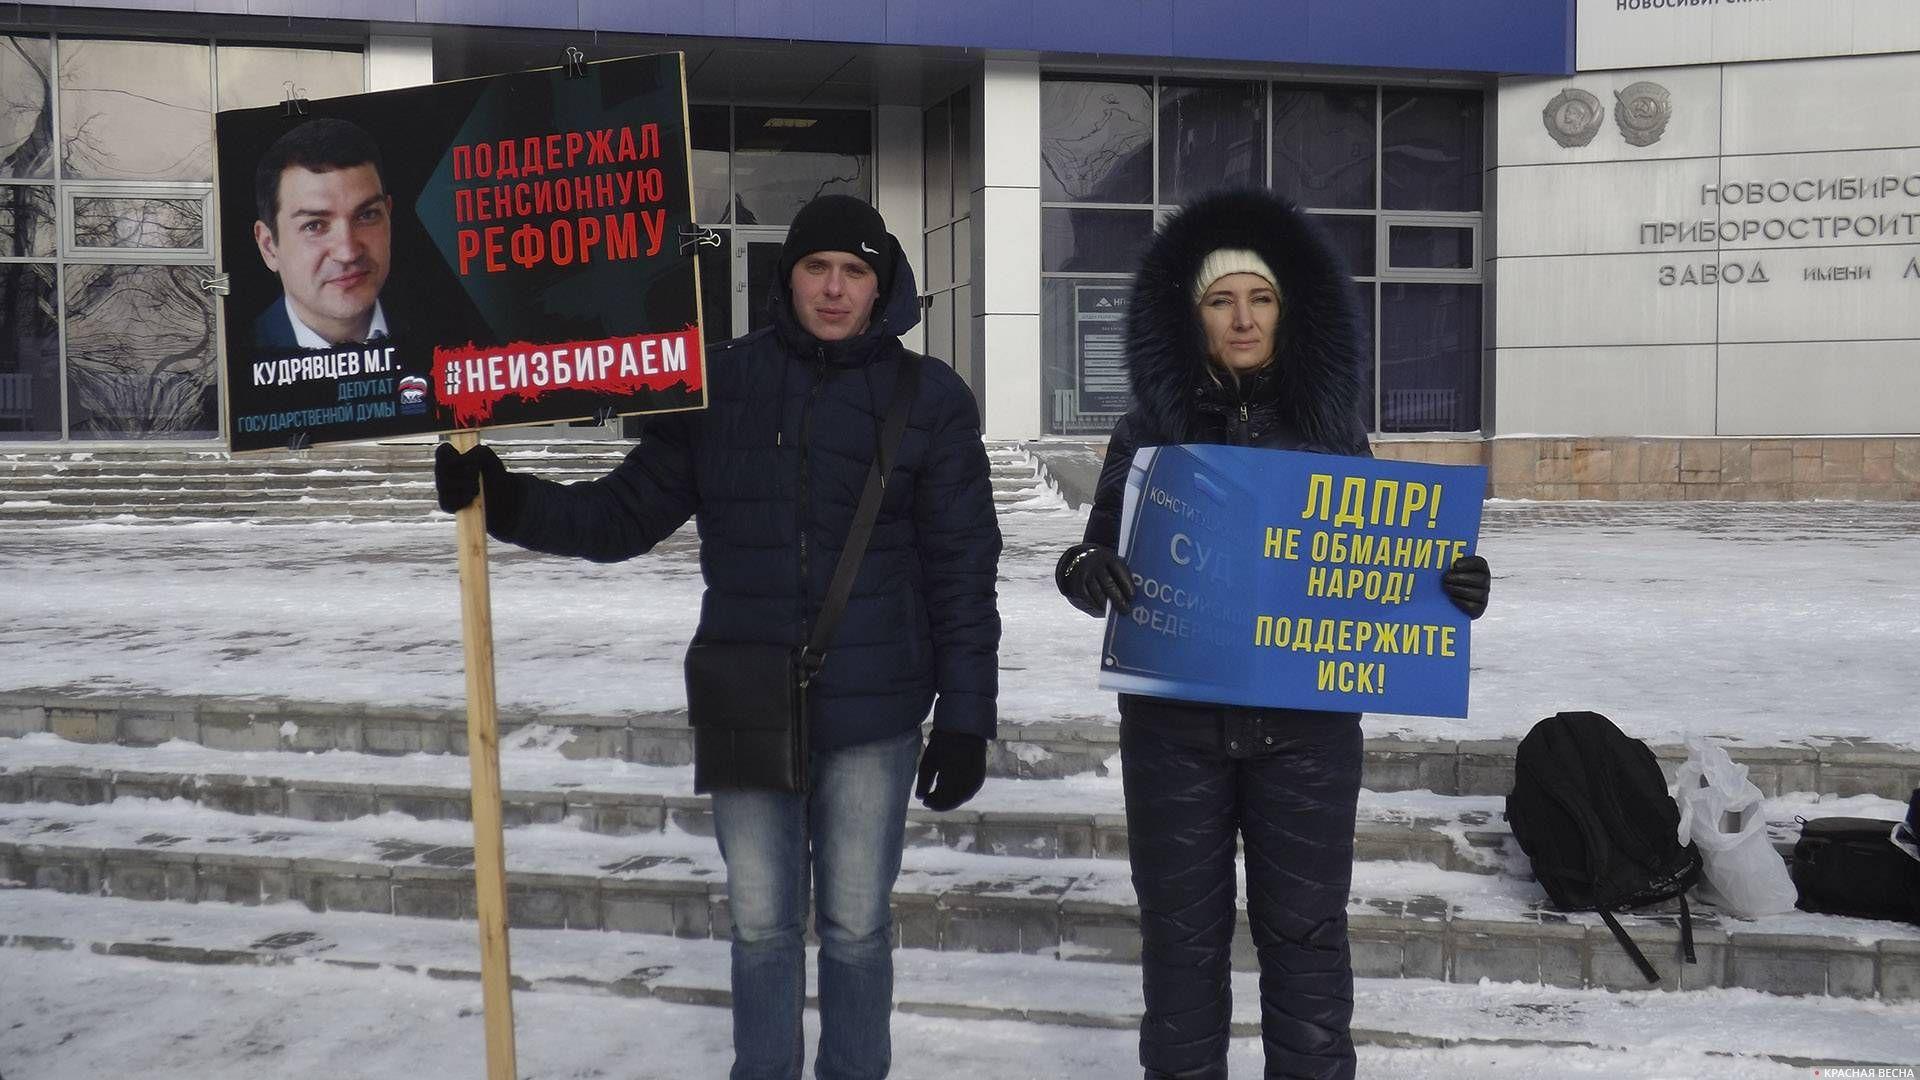 Акция #неизбираем в Новосибирске